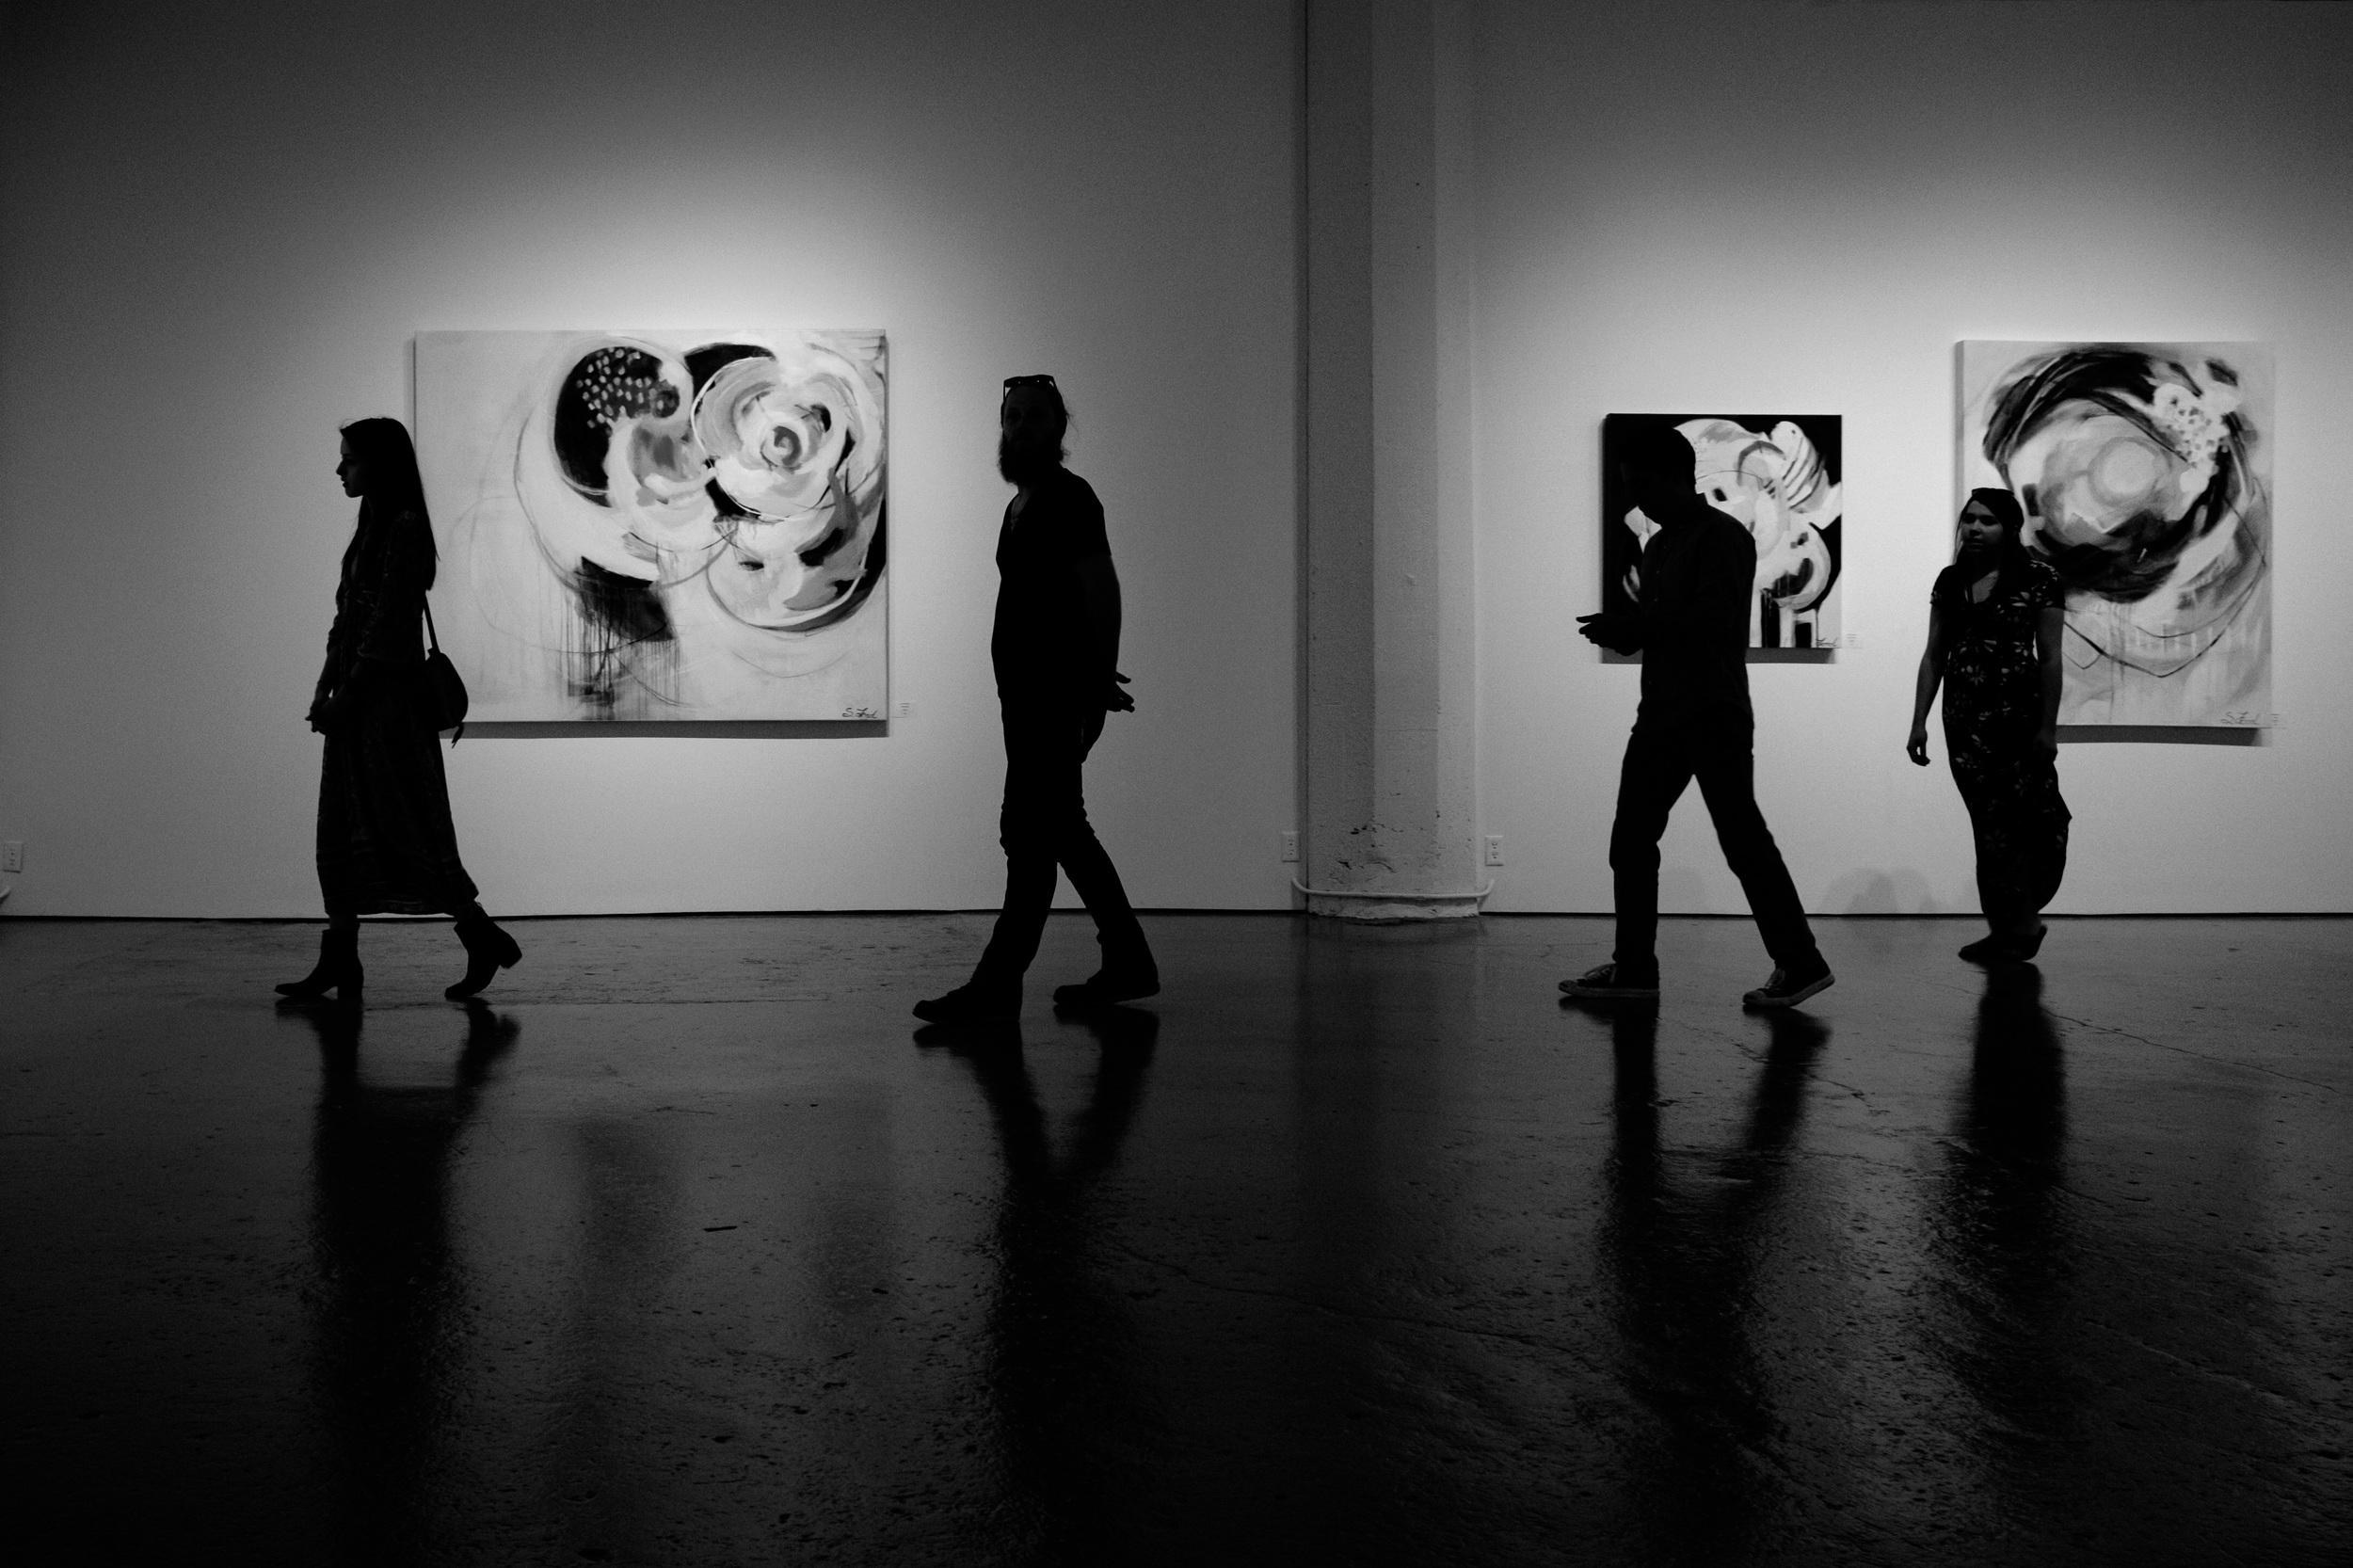 Taken from inside an art gallery in Kansas City Croosroads Art District.